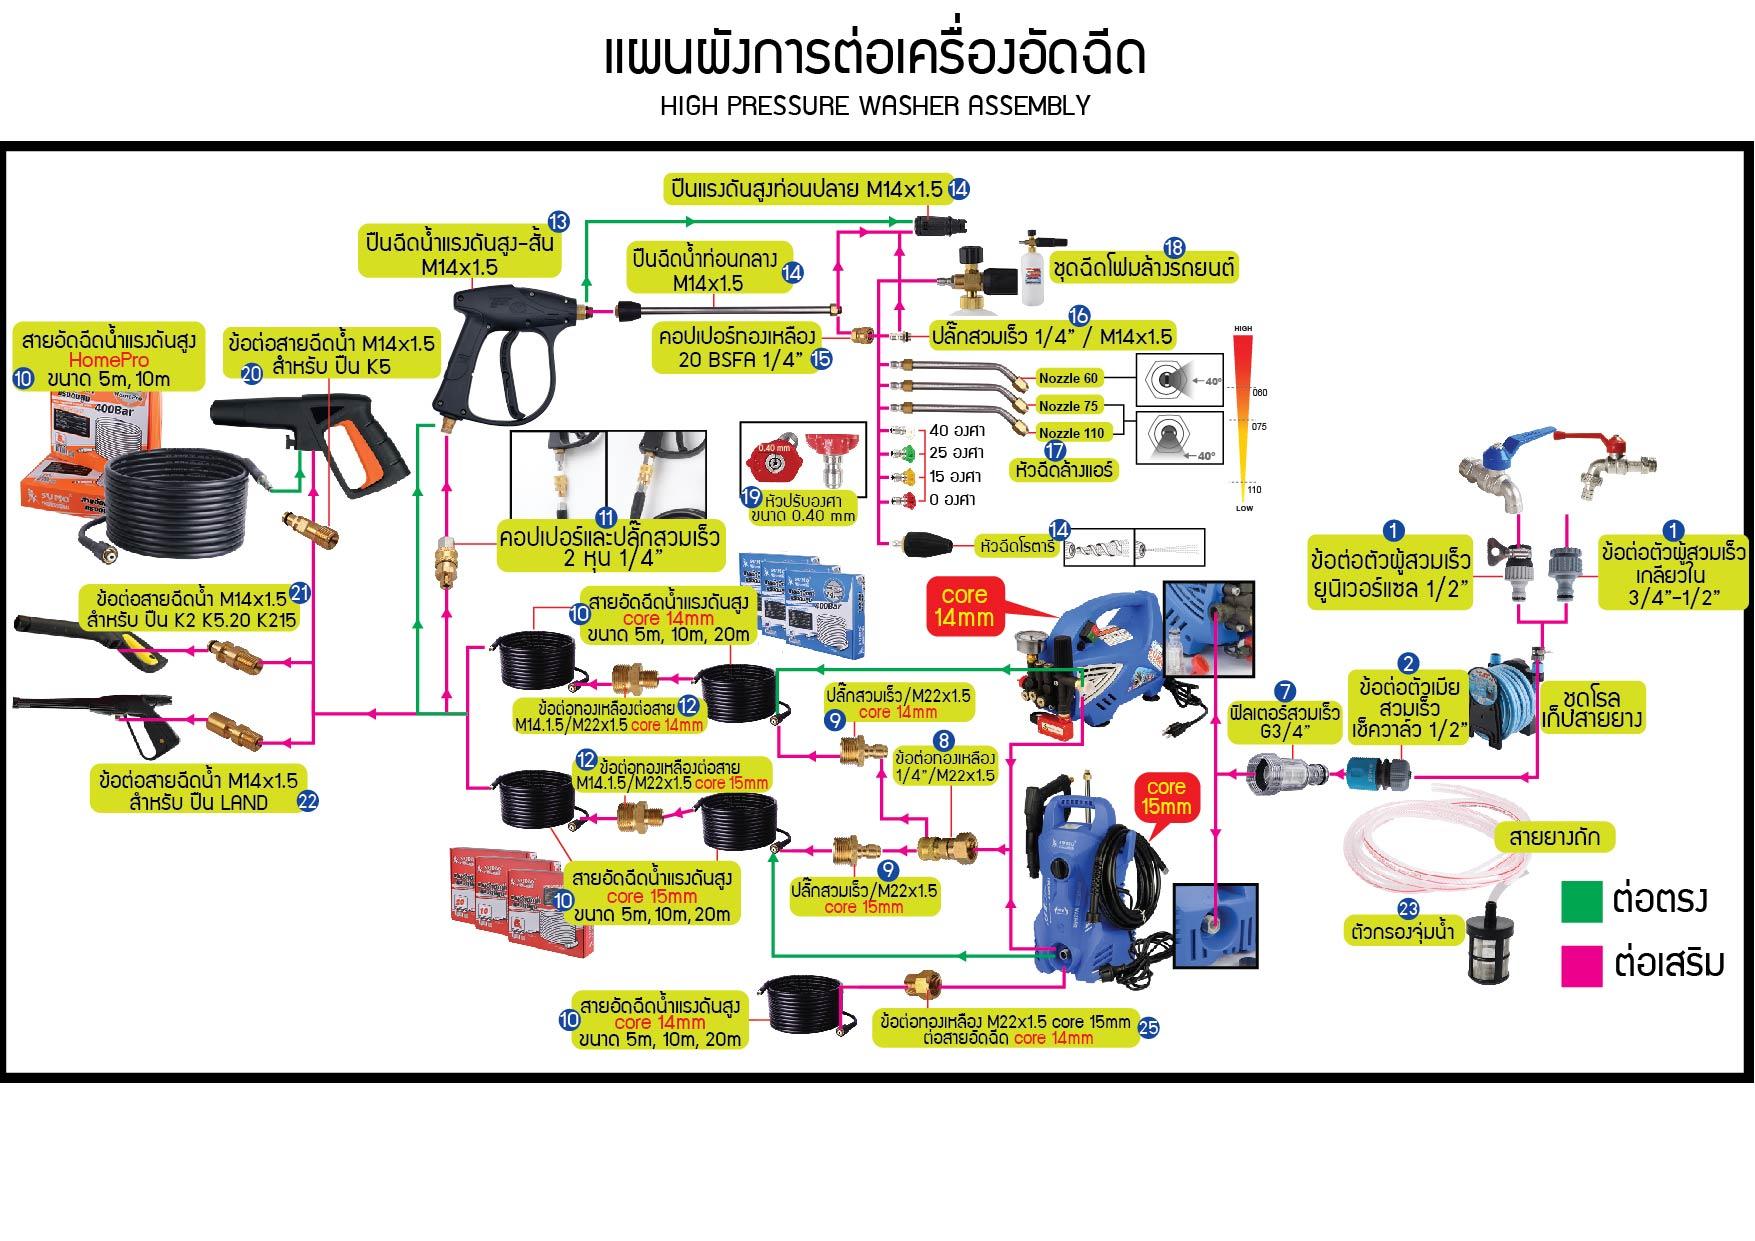 (2/35) แผนผังการต่อเครื่องอัดฉีด